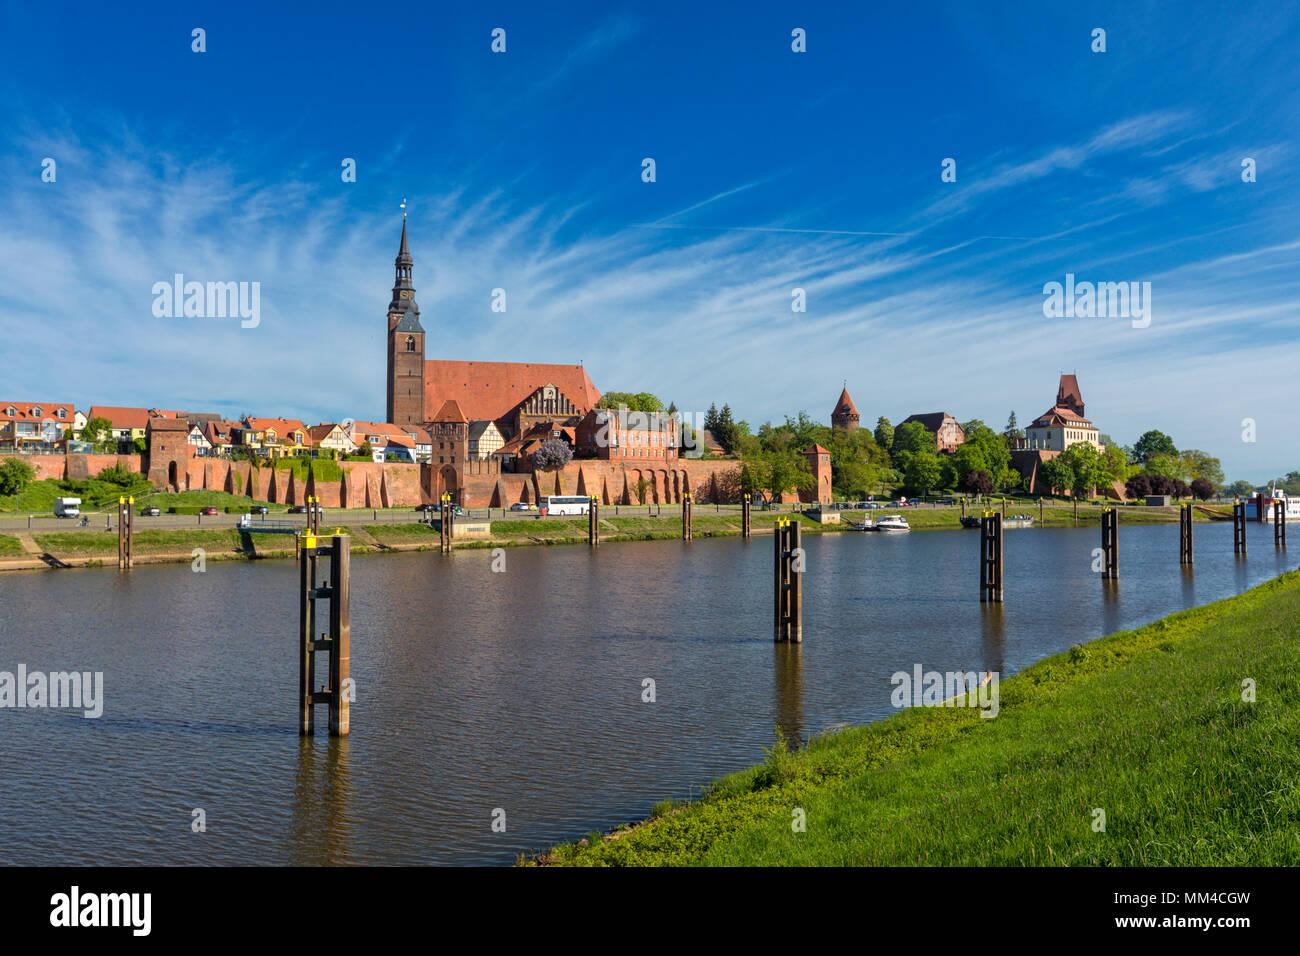 Tangermünde Stadtbild, Blick von der Elbe Deich Stockbild